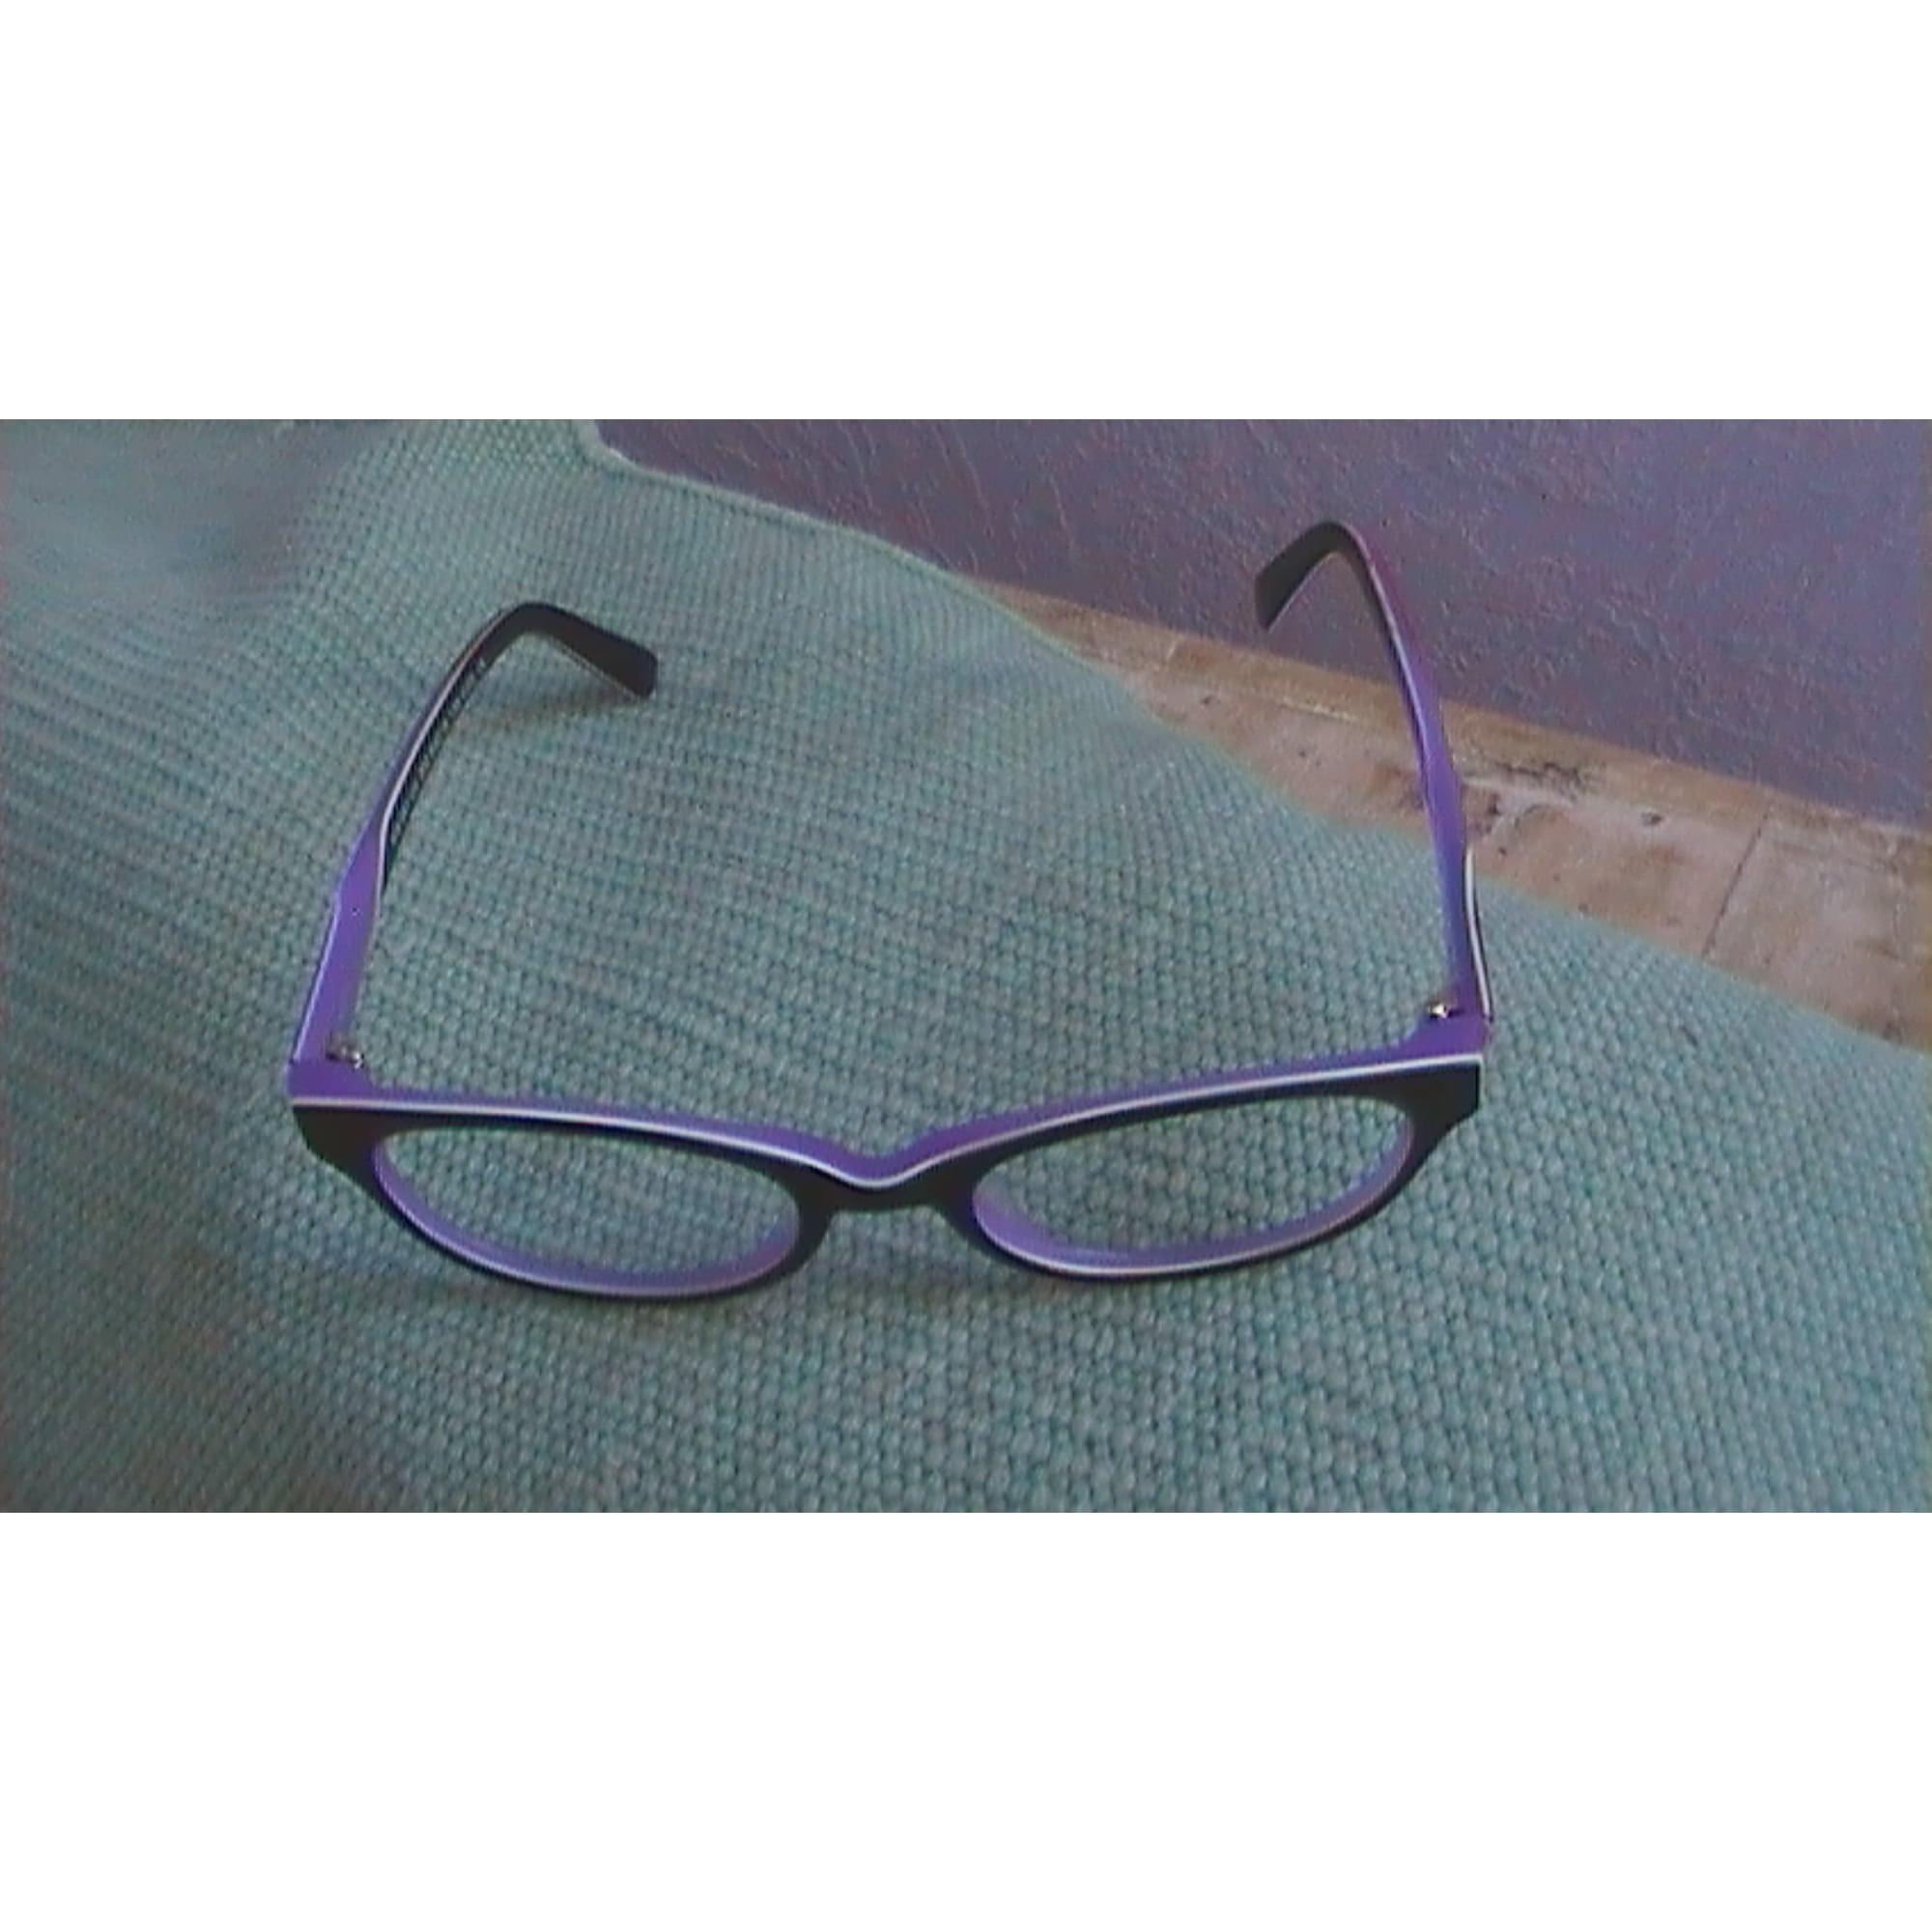 9b3953379e7d2 Monture de lunettes KRYS noir et mauve vendu par Christiane 61431868 ...